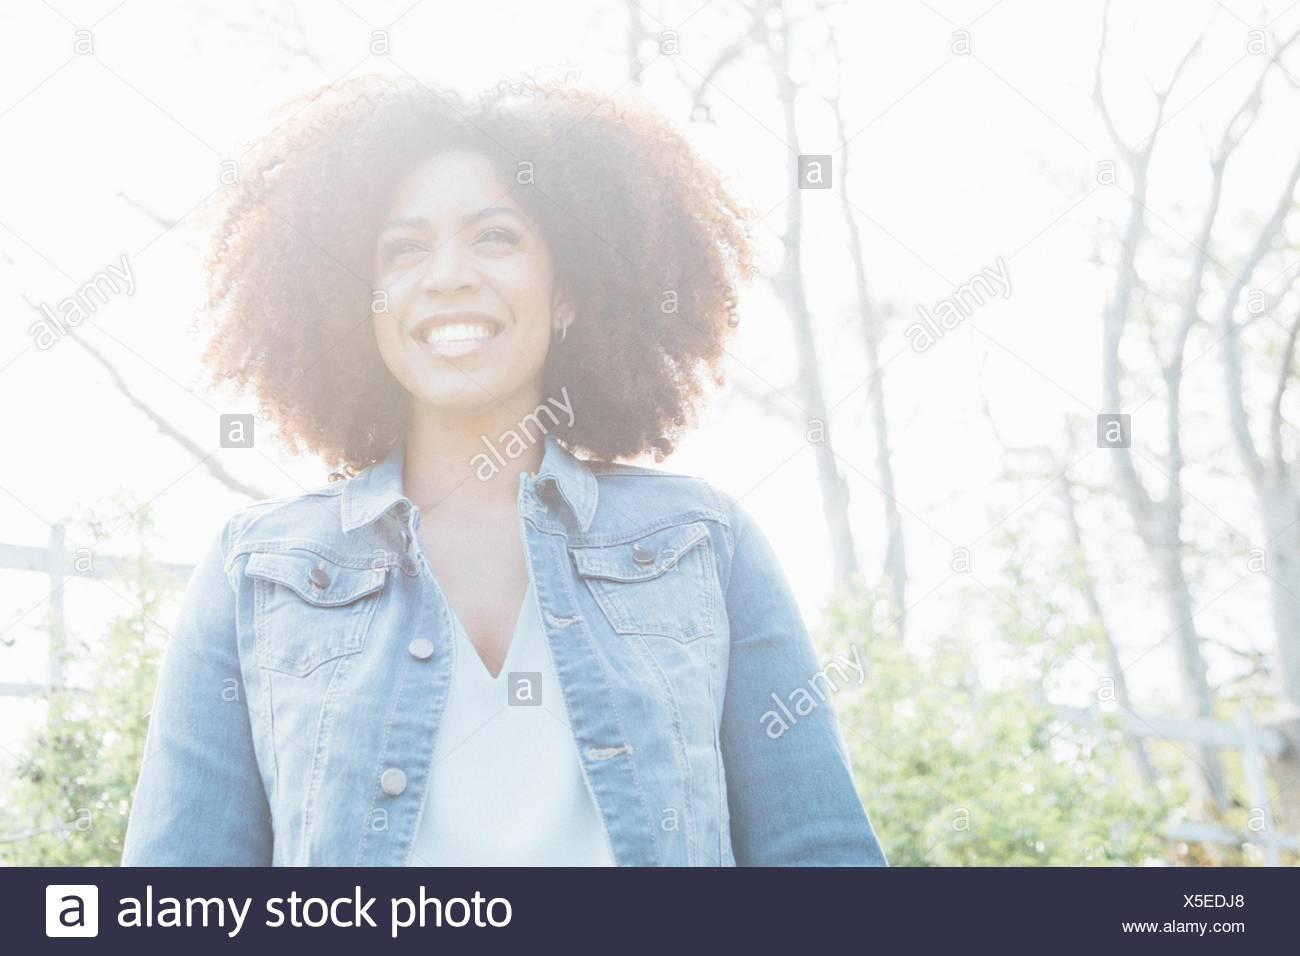 Niedrigen Winkel Ansicht Porträt Mitte erwachsenen Frau im Sonnenlicht, Lächeln, wegschauen Stockbild